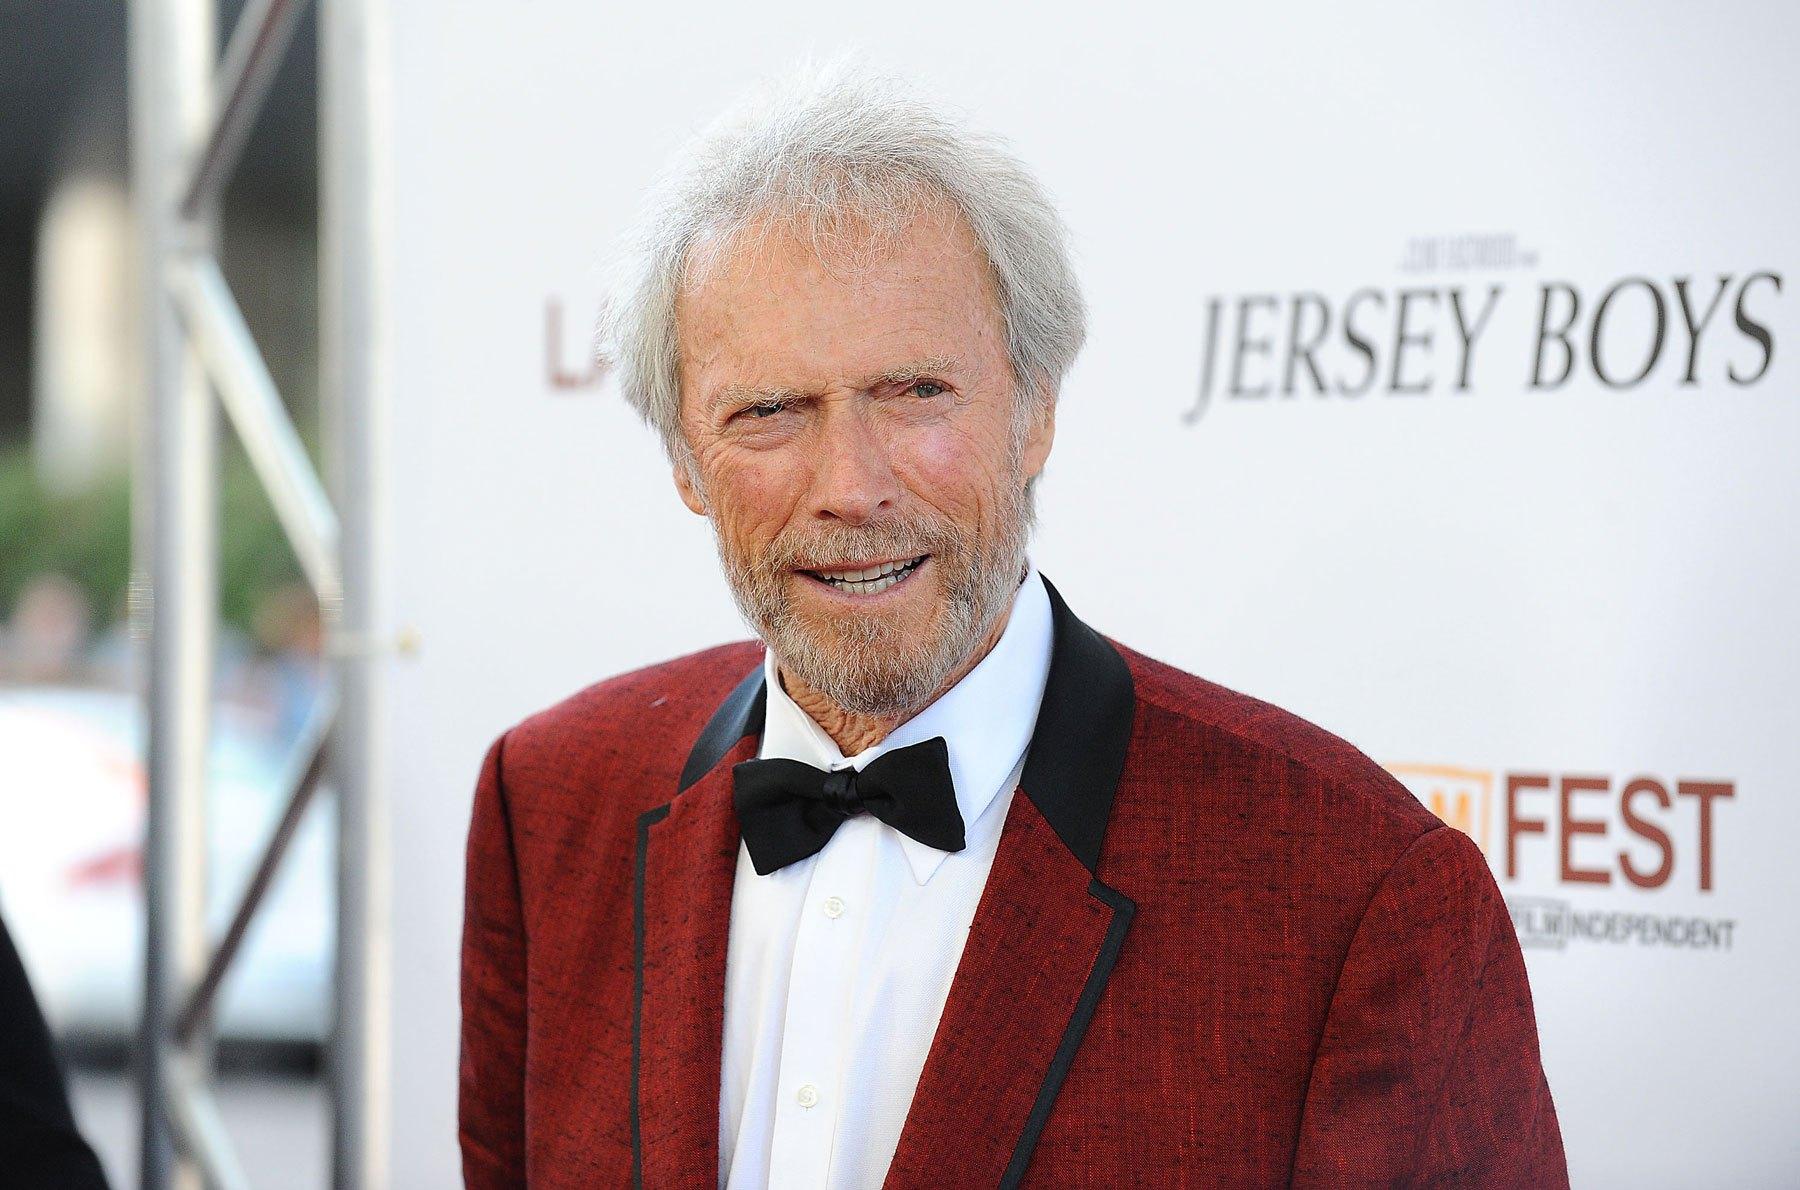 Клинт Иствуд может снять фильм о несправедливо осуждённом герое